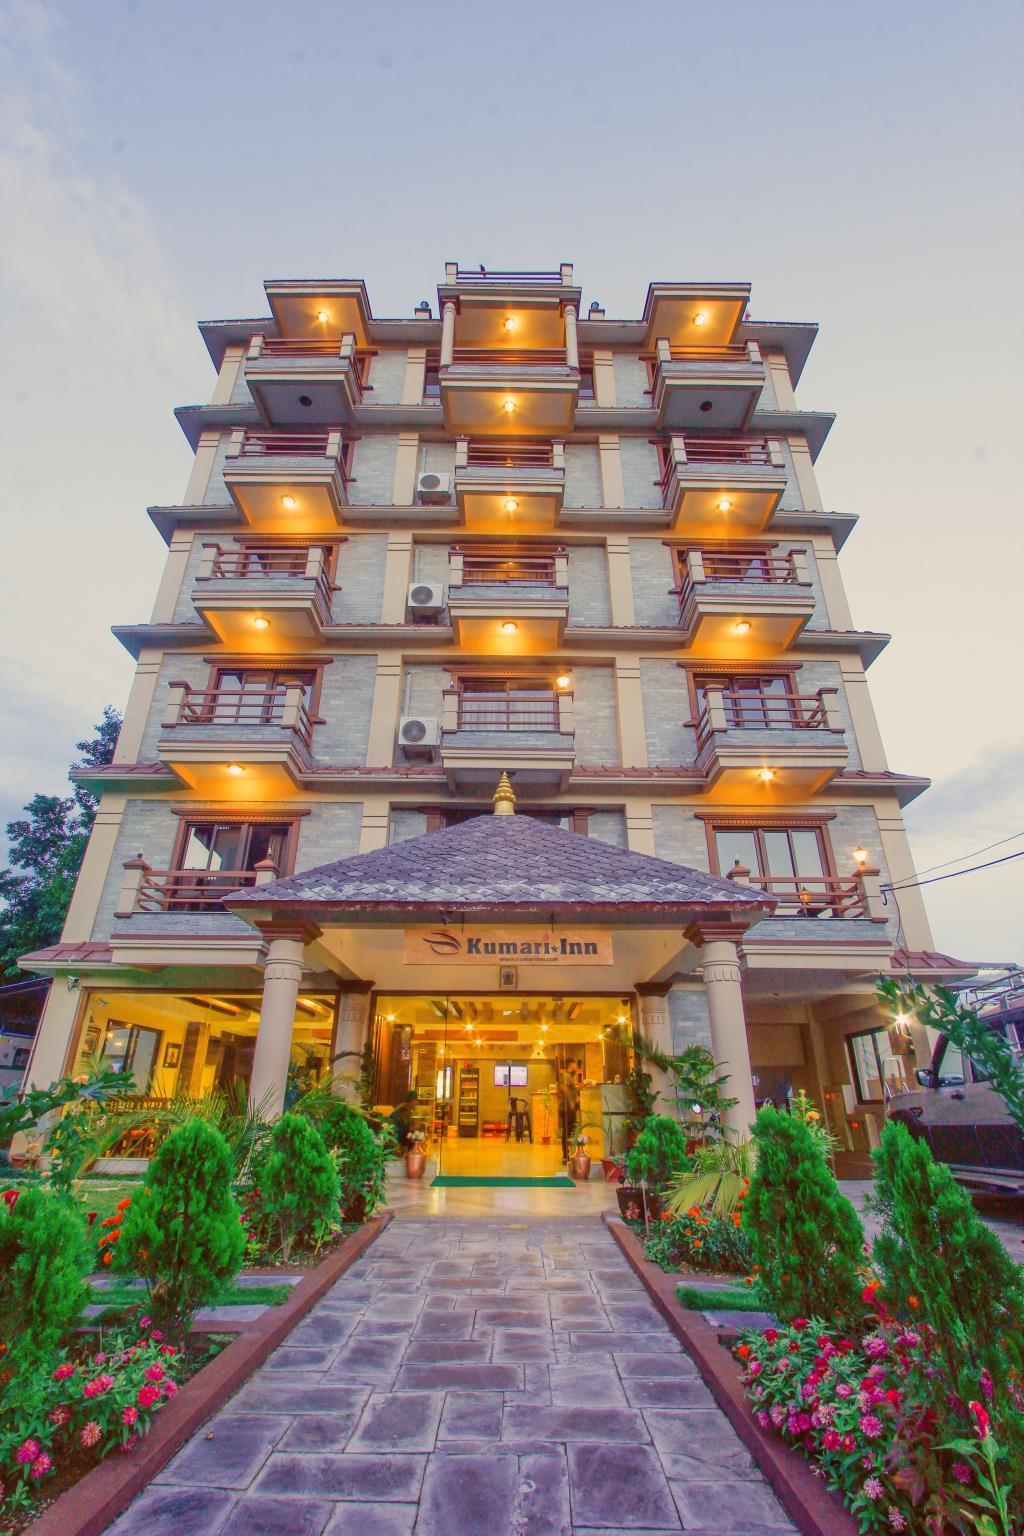 Kumari Inn